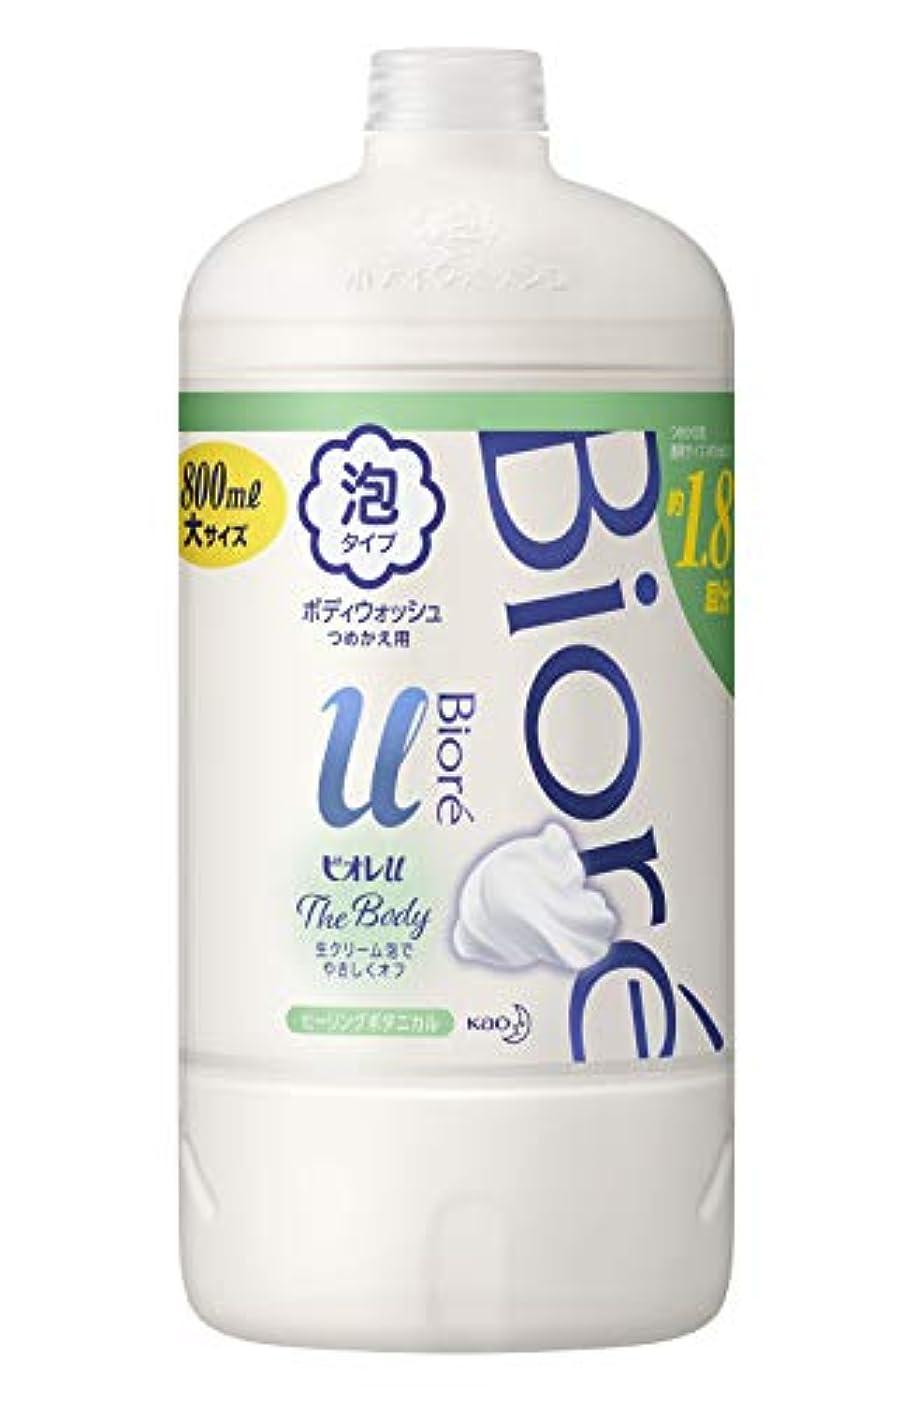 魅了するリサイクルする創始者【大容量】 ビオレu ザ ボディ 〔 The Body 〕 泡タイプ ヒーリングボタニカルの香り つめかえ用 800ml 「高潤滑処方の生クリーム泡」 ボディソープ 清々しいヒーリングボタニカルの香り